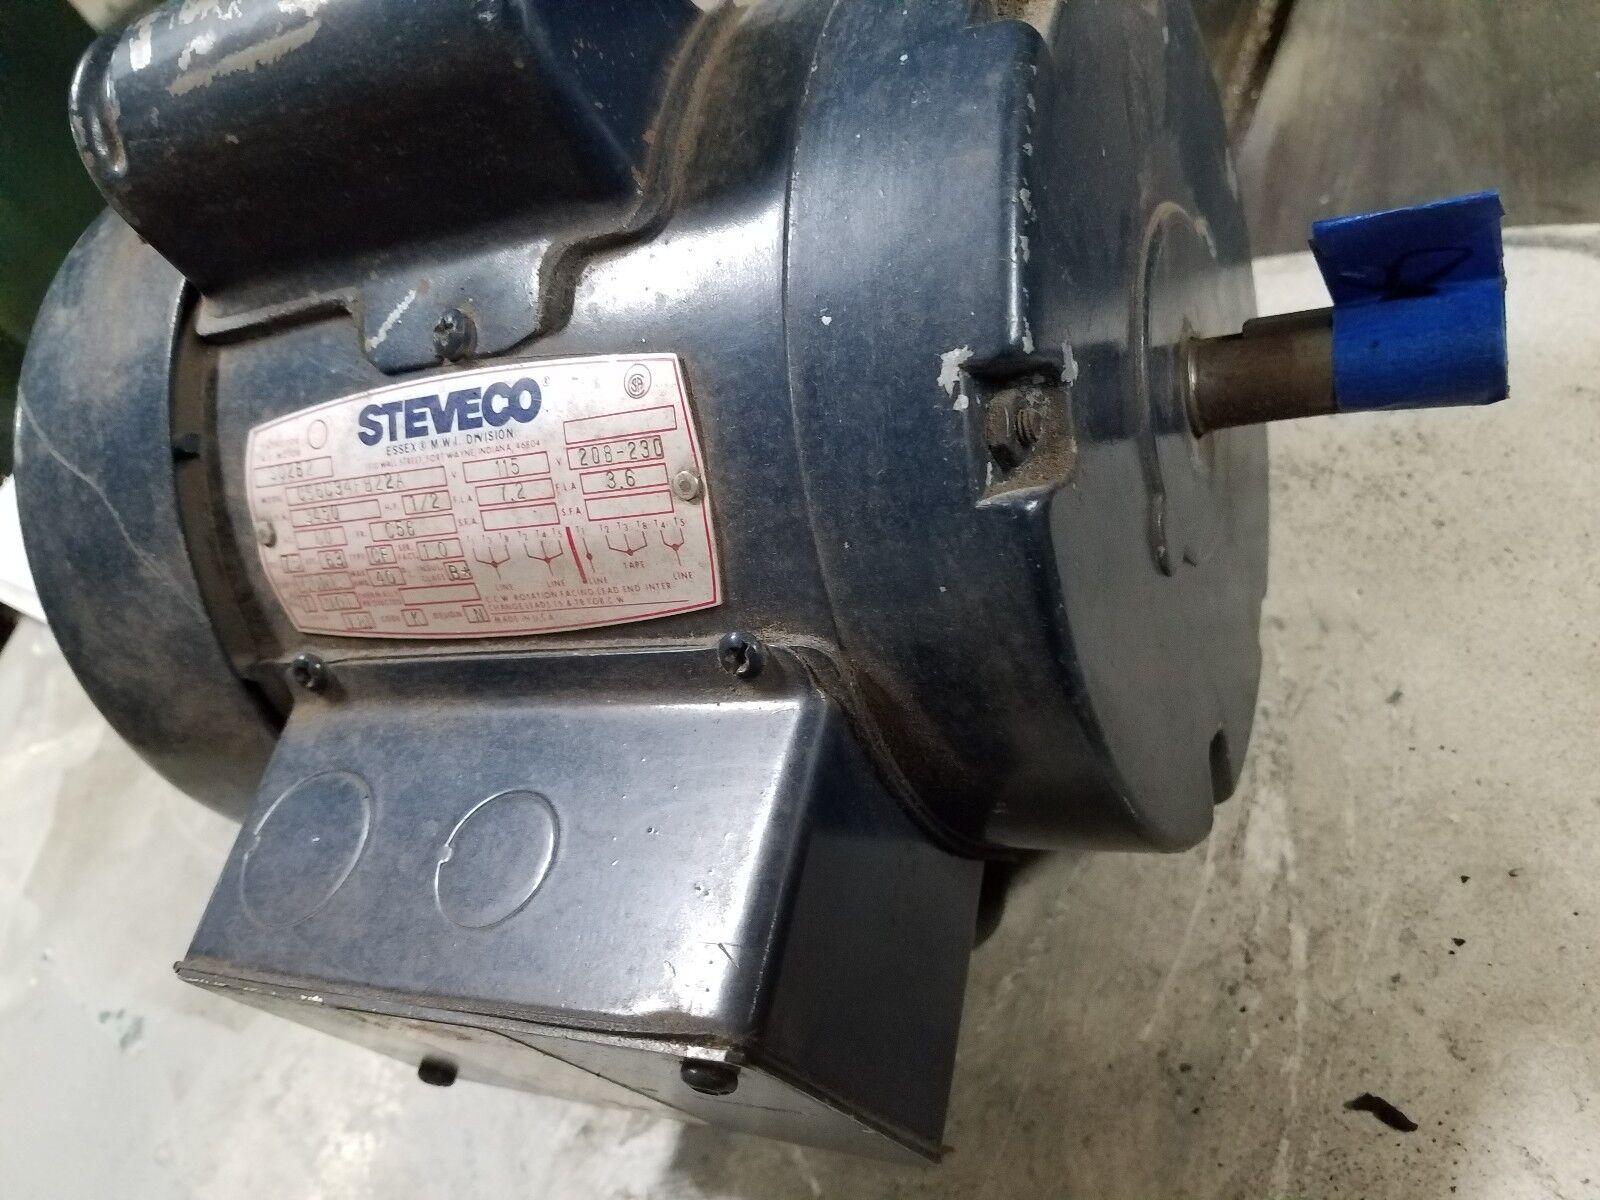 Steveco 1 2 HP 3450 RPM 56 Frame TEFC Single Phase Motor 115 230 V (B)